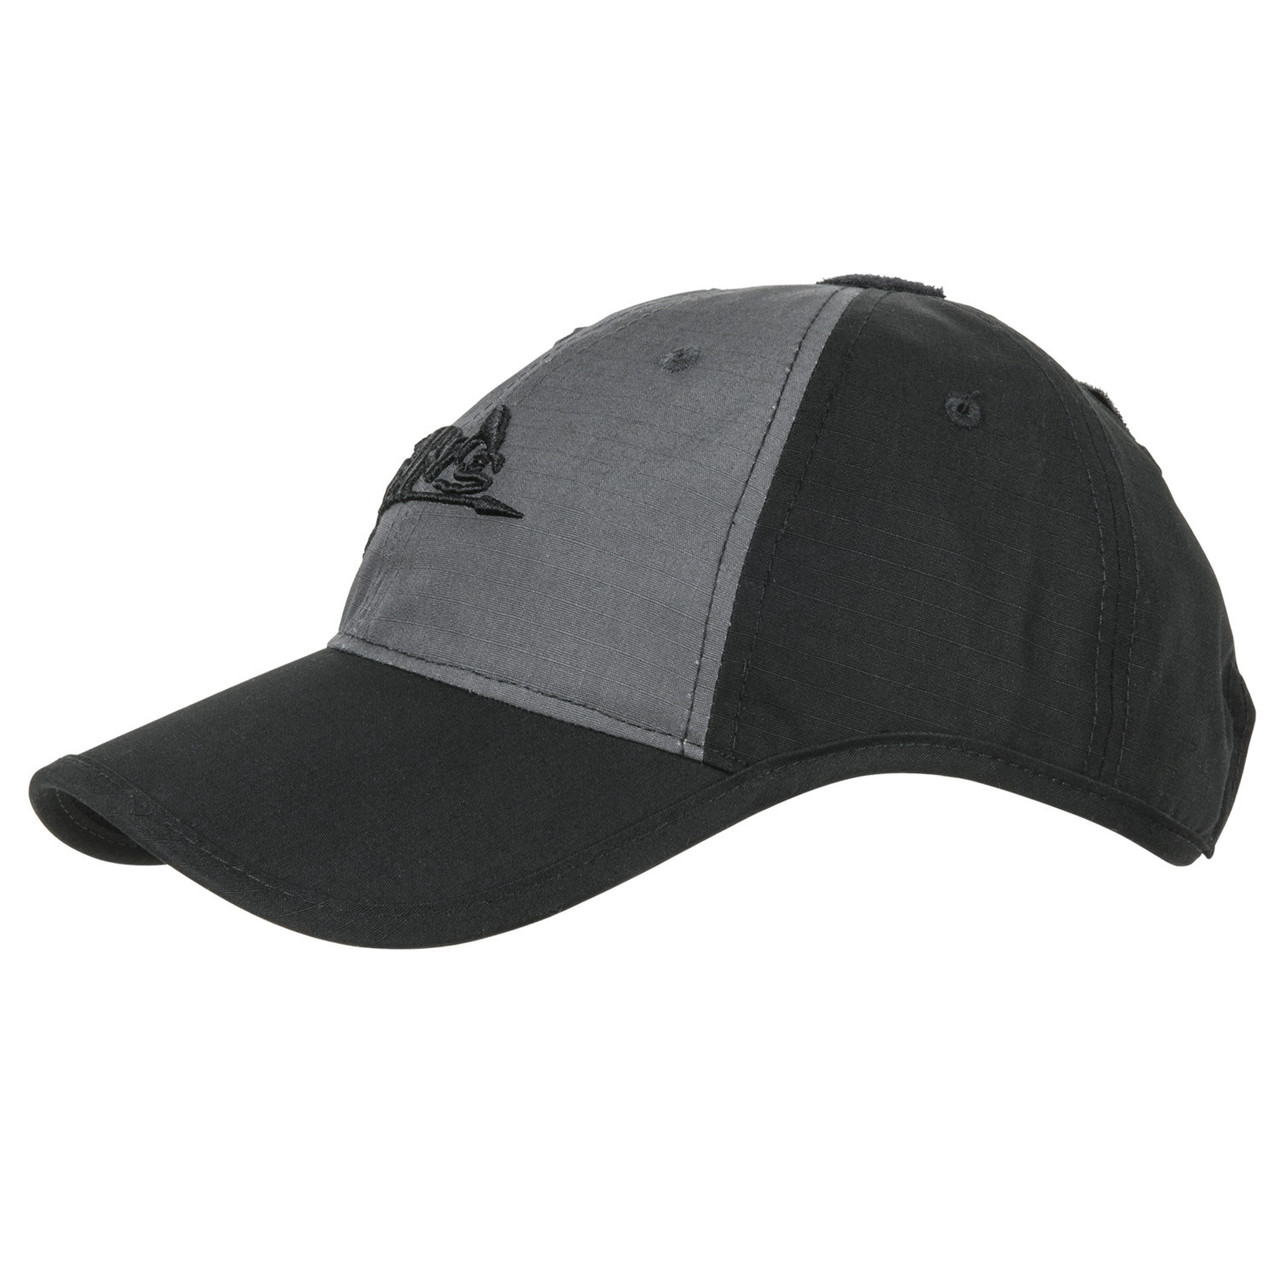 Тактическая бейсболка Helikon-Tex® Logo Cap - PolyCotton Ripstop - Темно-серая/Черная